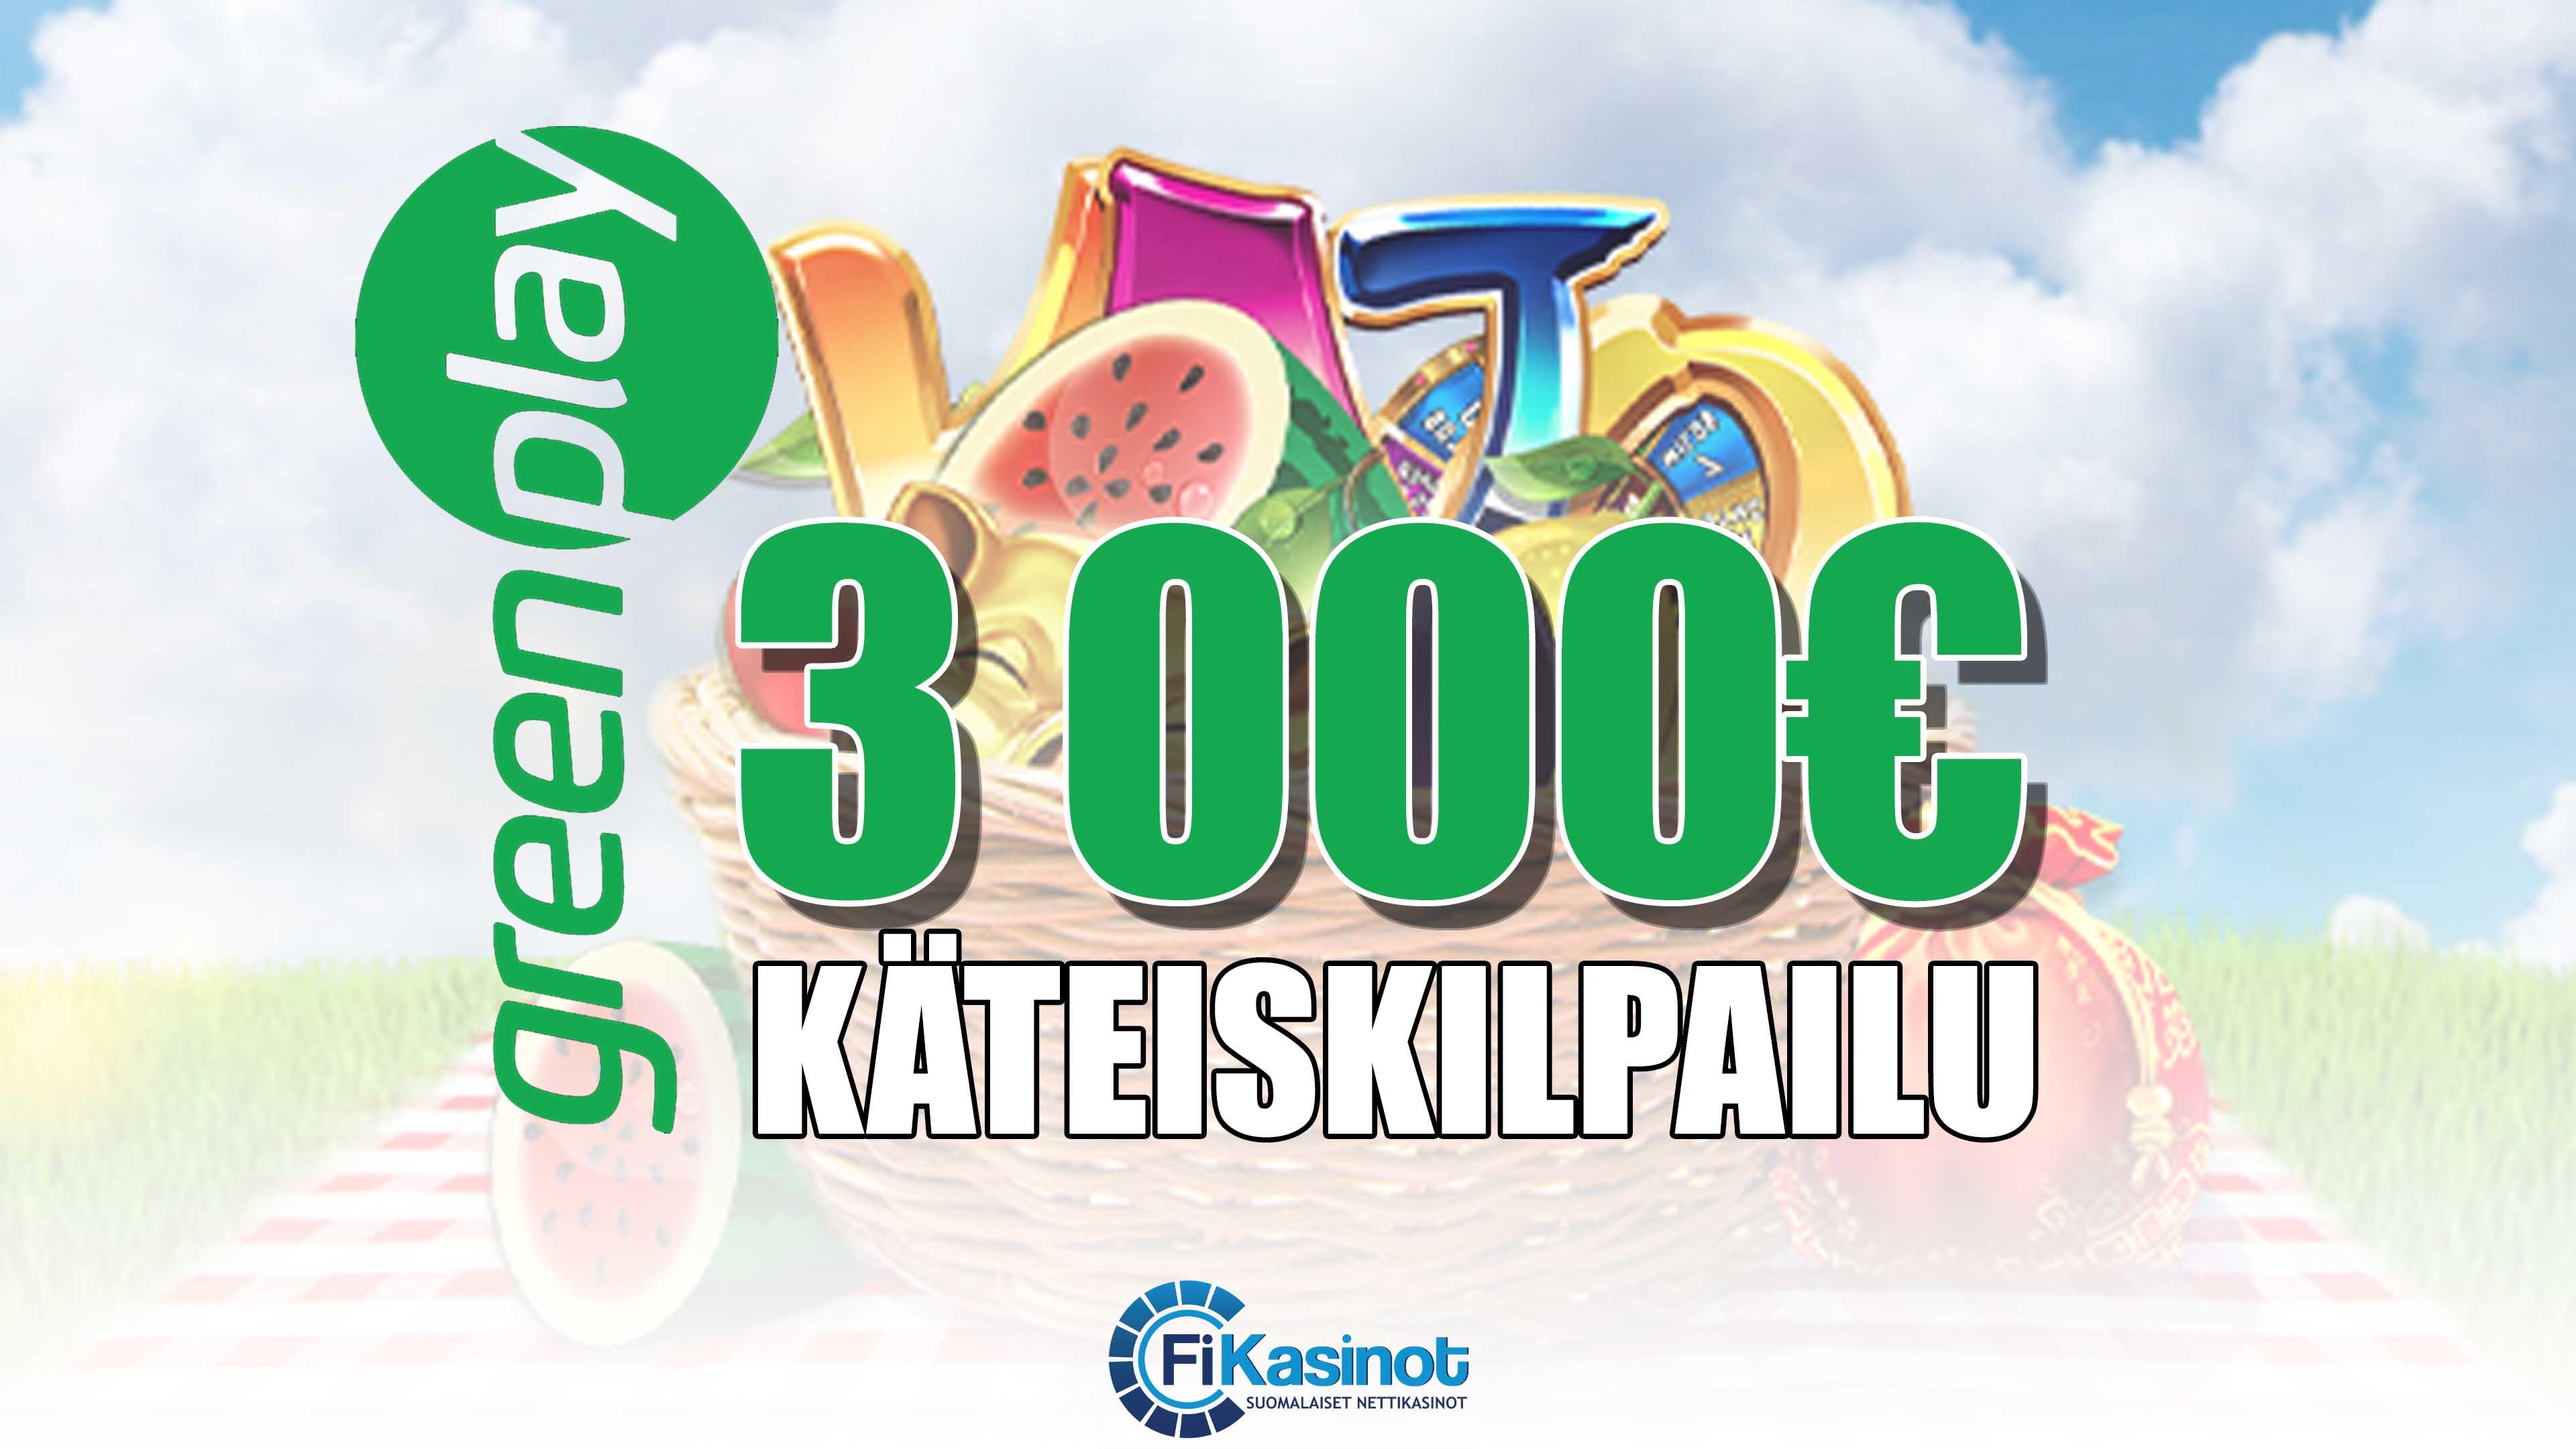 GreenPlayn 3 000 euron käteiskisa